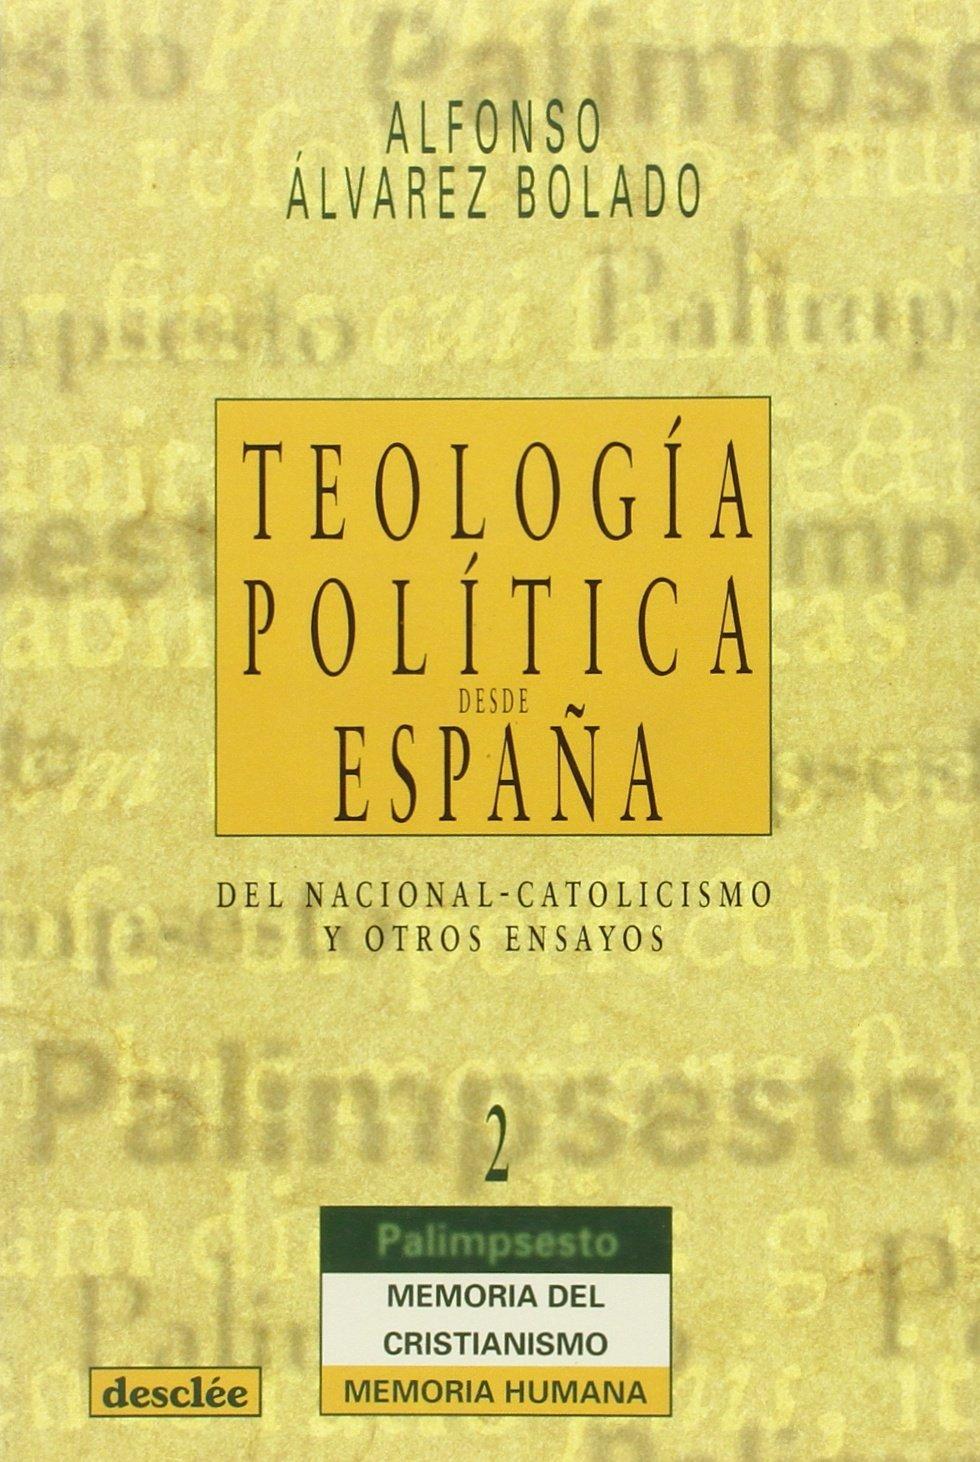 Teología política desde españa. Del nacional-catolicismo y otros ensayos Palimsesto: Amazon.es: Álvarez Bolado, Alfonso: Libros